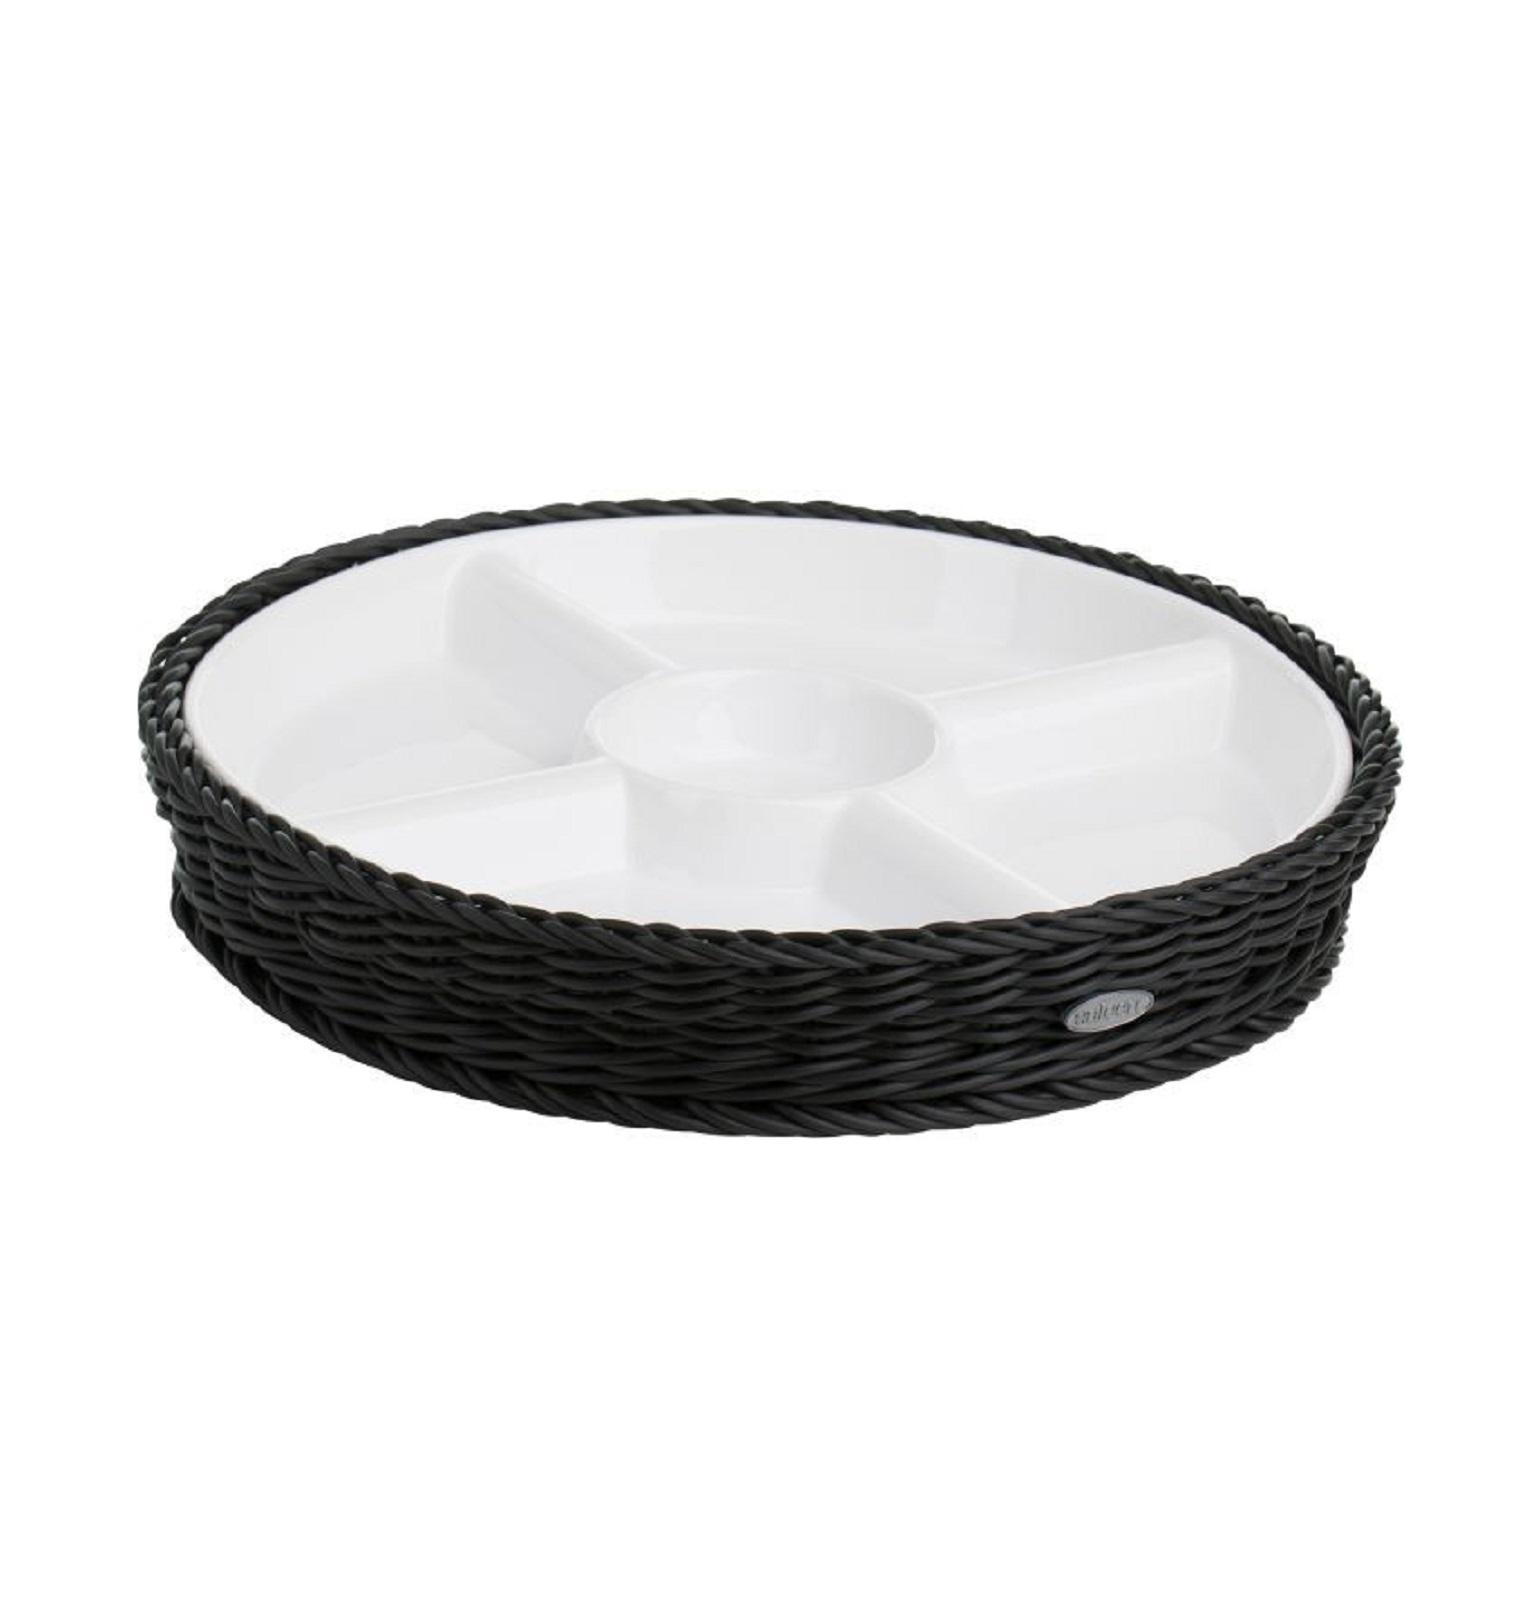 Онлайн каталог PROMENU: Менажница на 5 отделений Saleen WHITE, Ø 28,5 см, высота 4,5 см белый c черным  02102019160